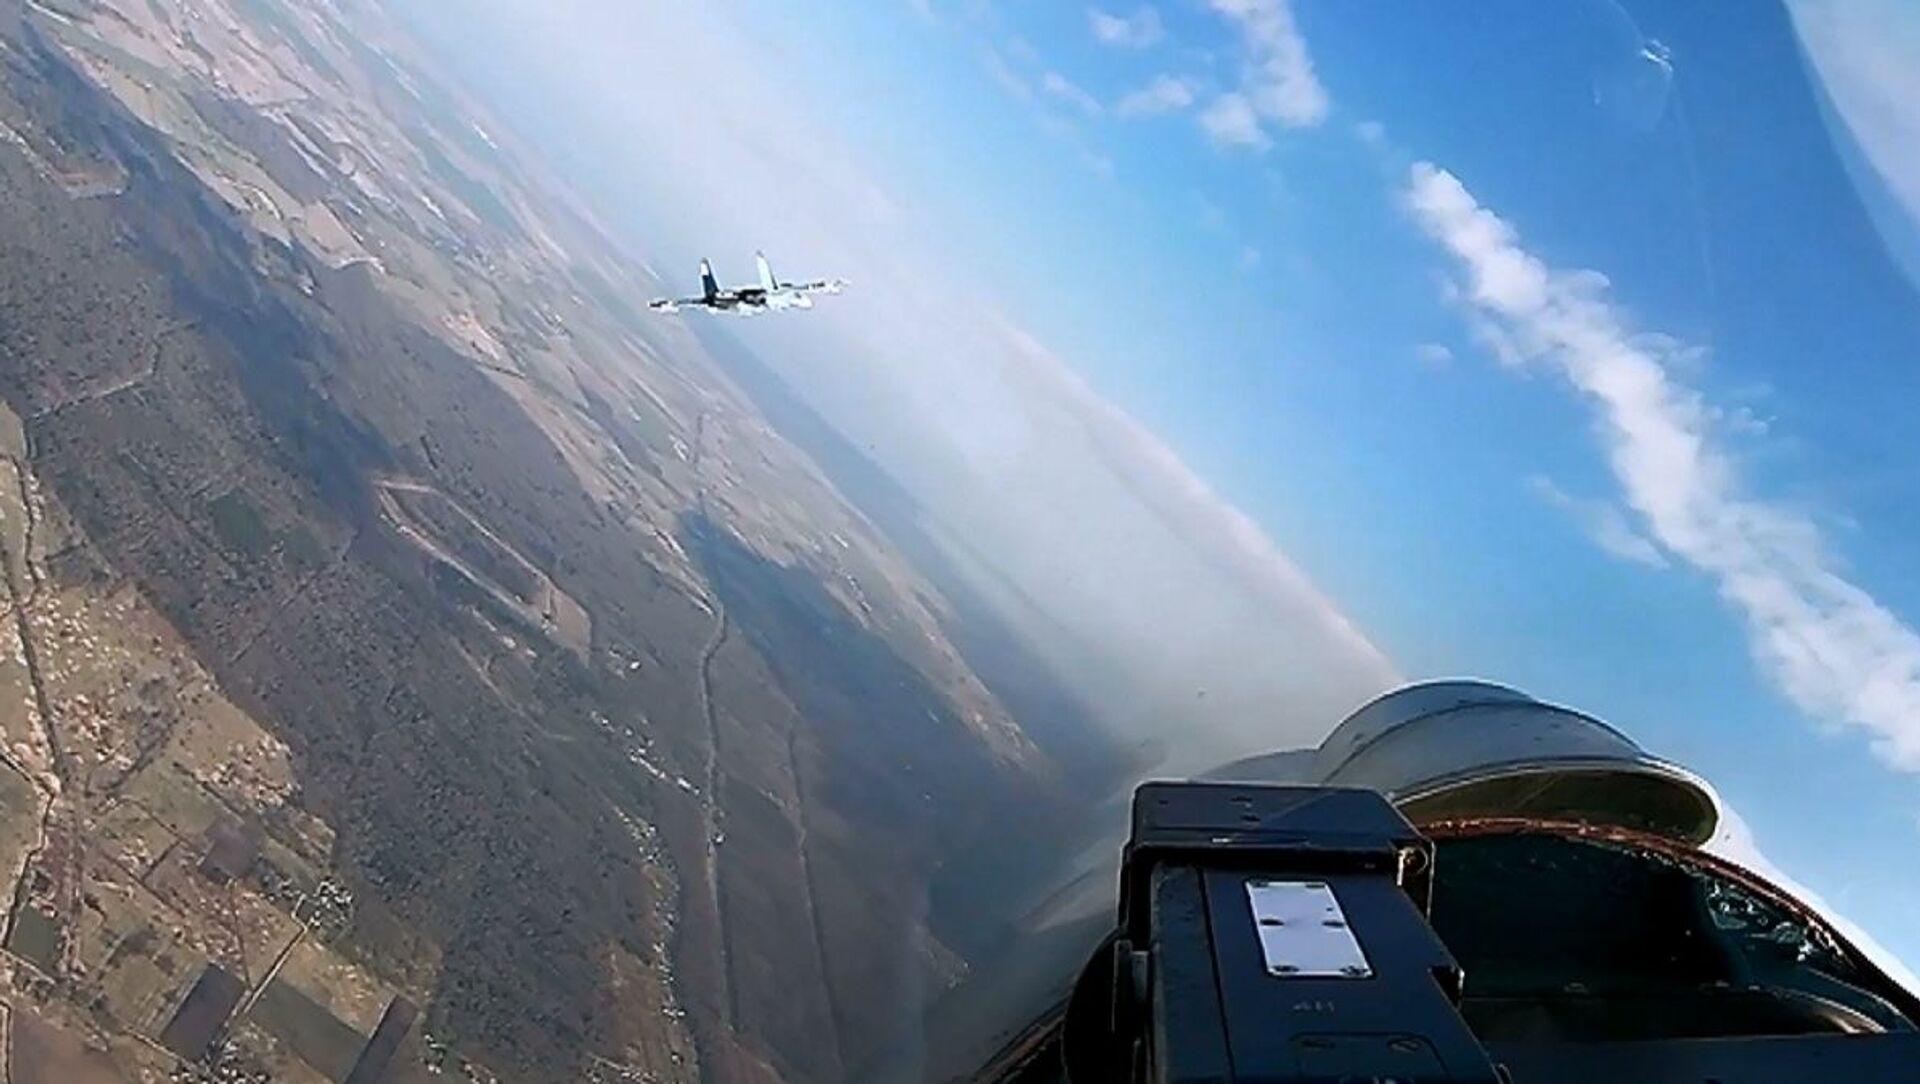 Esercitazione a difesa di strutture militari per i caccia Su-27  - Sputnik Italia, 1920, 28.04.2021